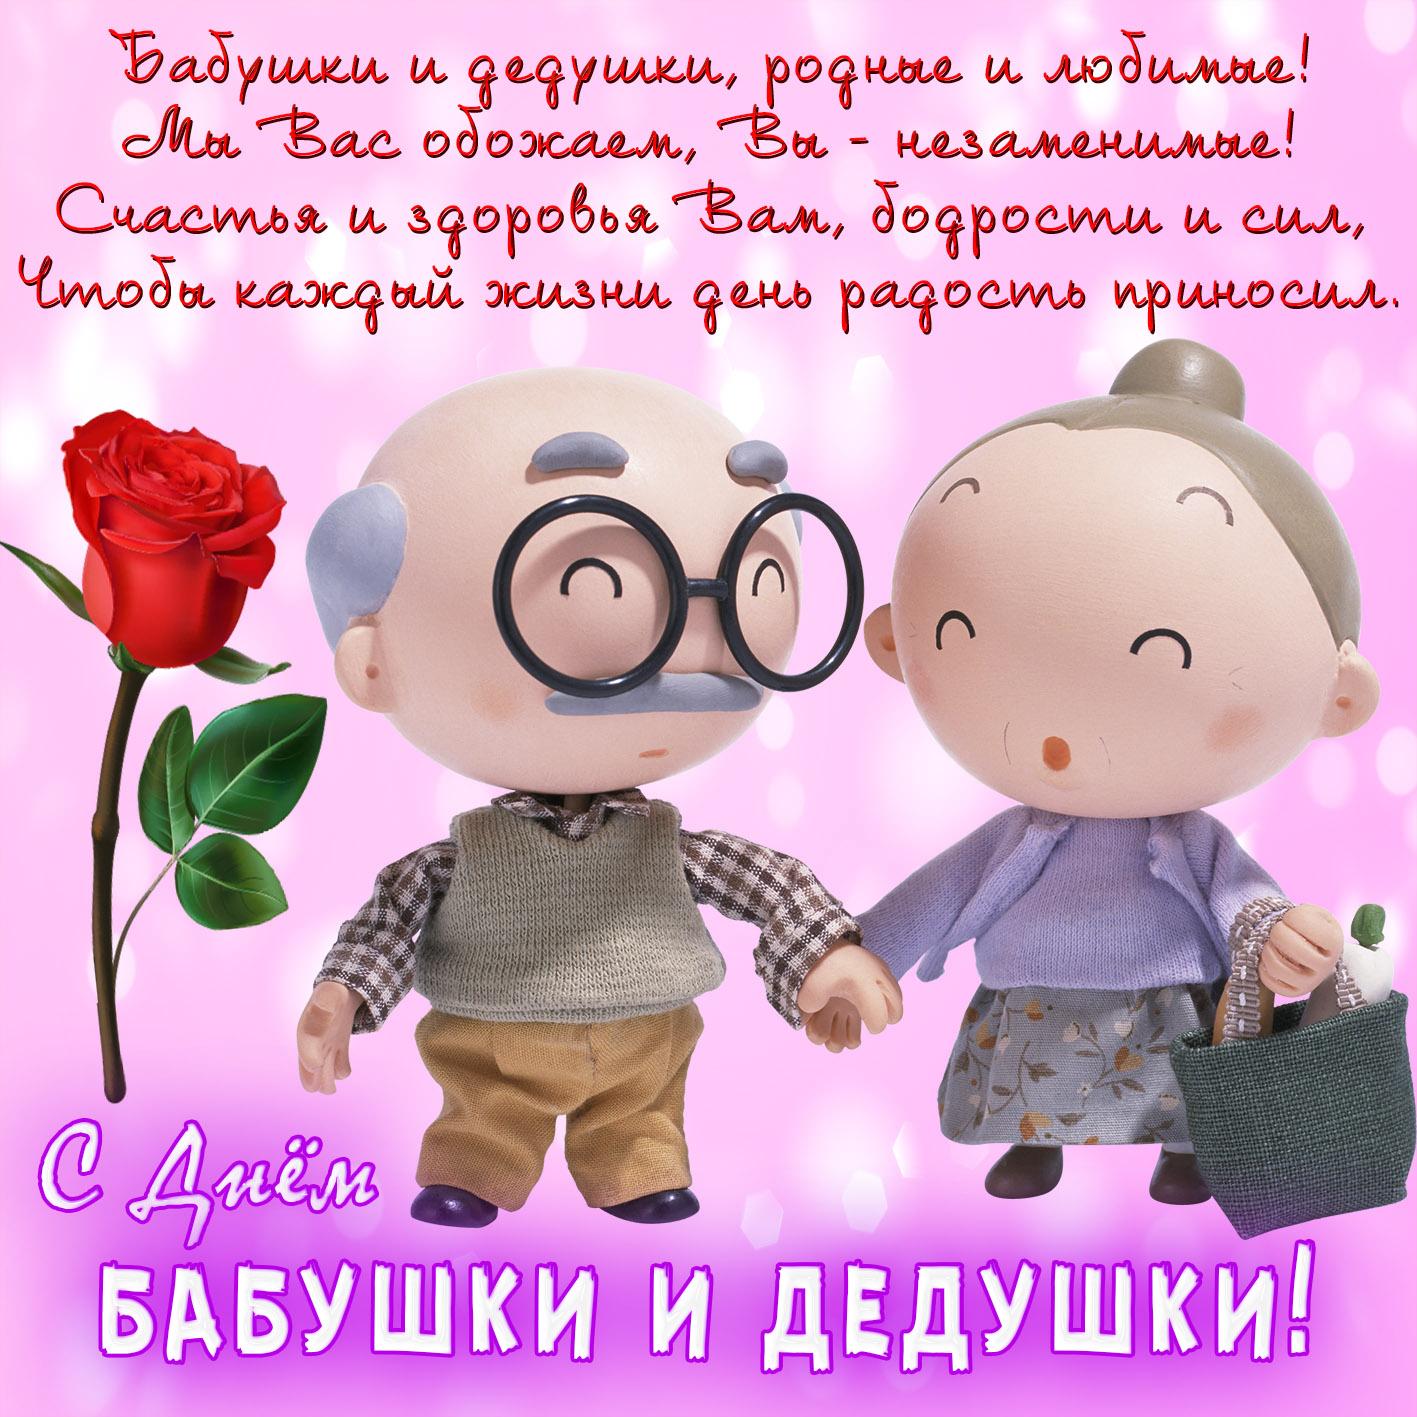 День бабушек и дедушек в 2020 году: когда россияне будут праздновать самое теплое семейное торжество